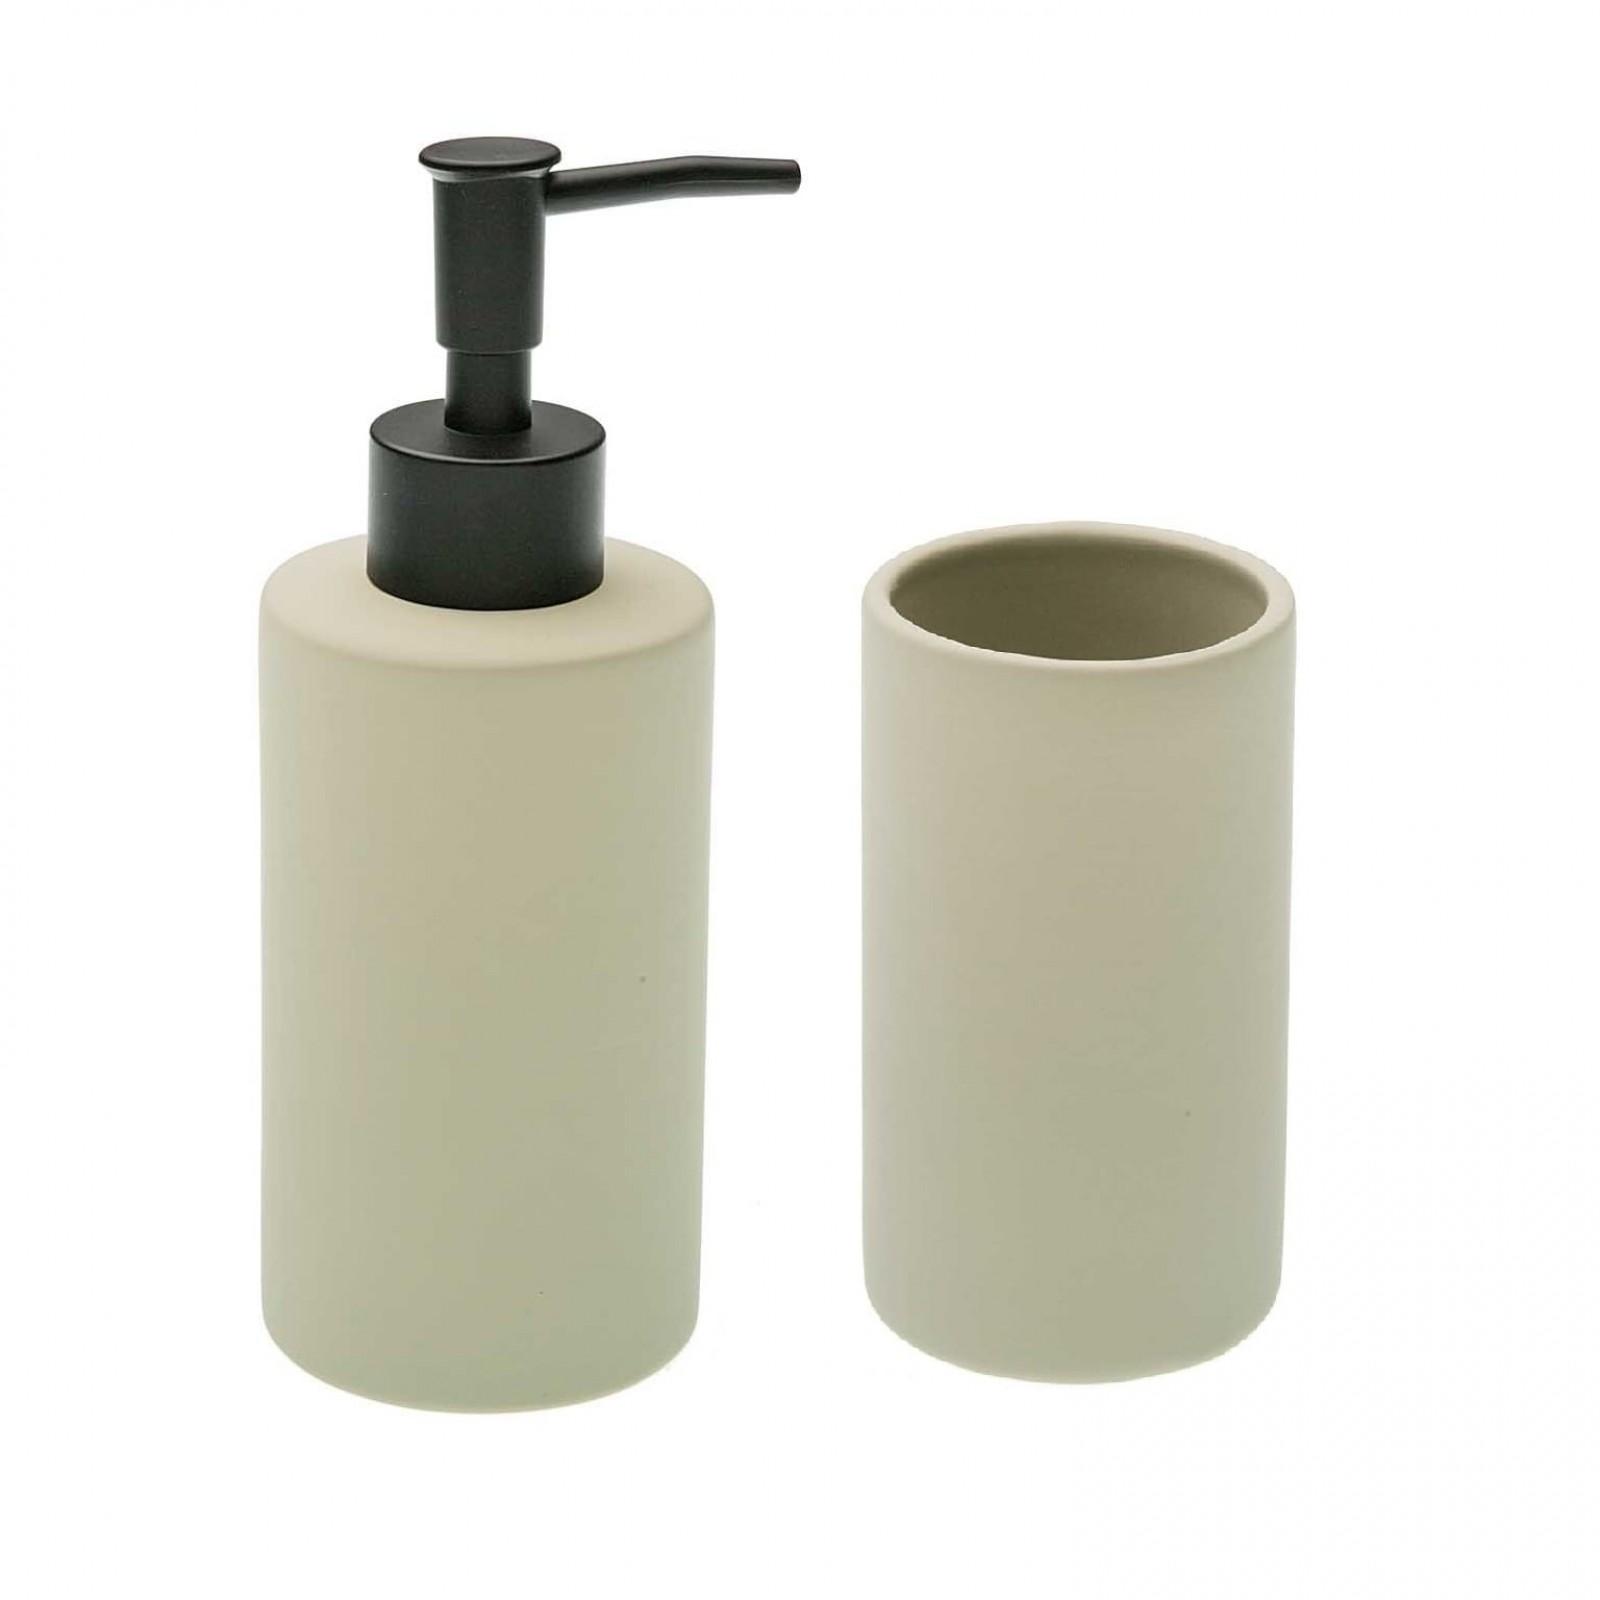 Ceramic Soap Dispenser & Tumbler Set (Beige)